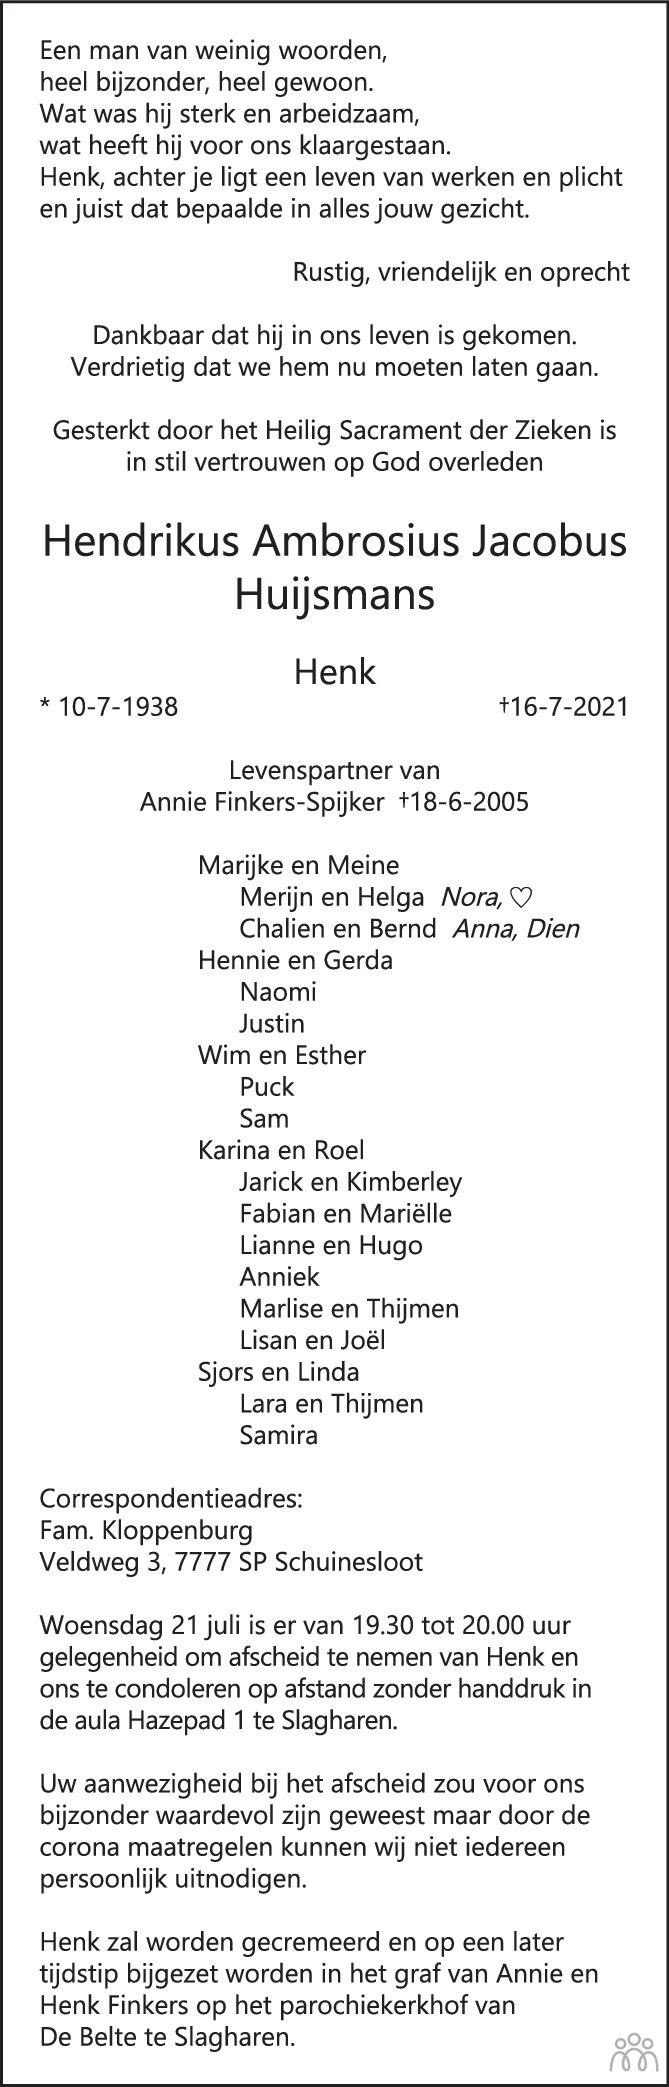 Overlijdensbericht van Hendrikus Ambrosius Jacobus (Henk) Huijsmans in de Stentor